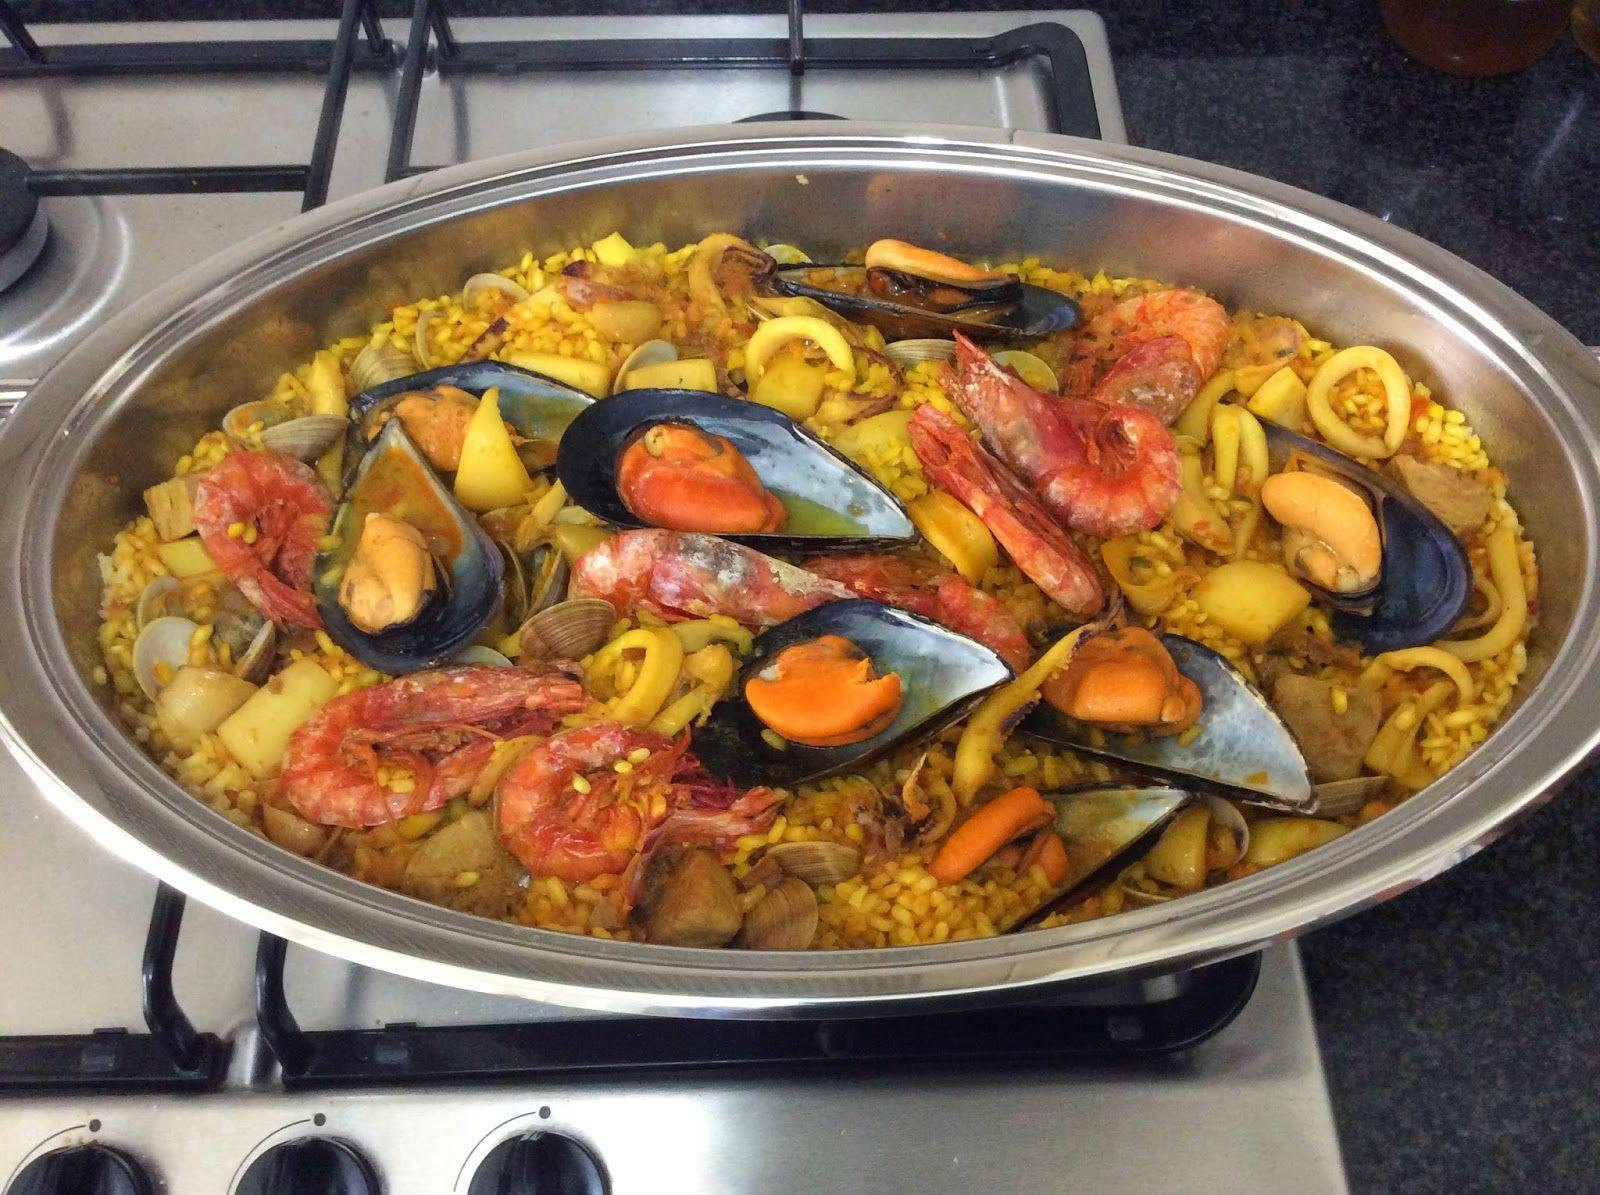 Amc Küchen cocina con amc y más arroz y marisco amc amc